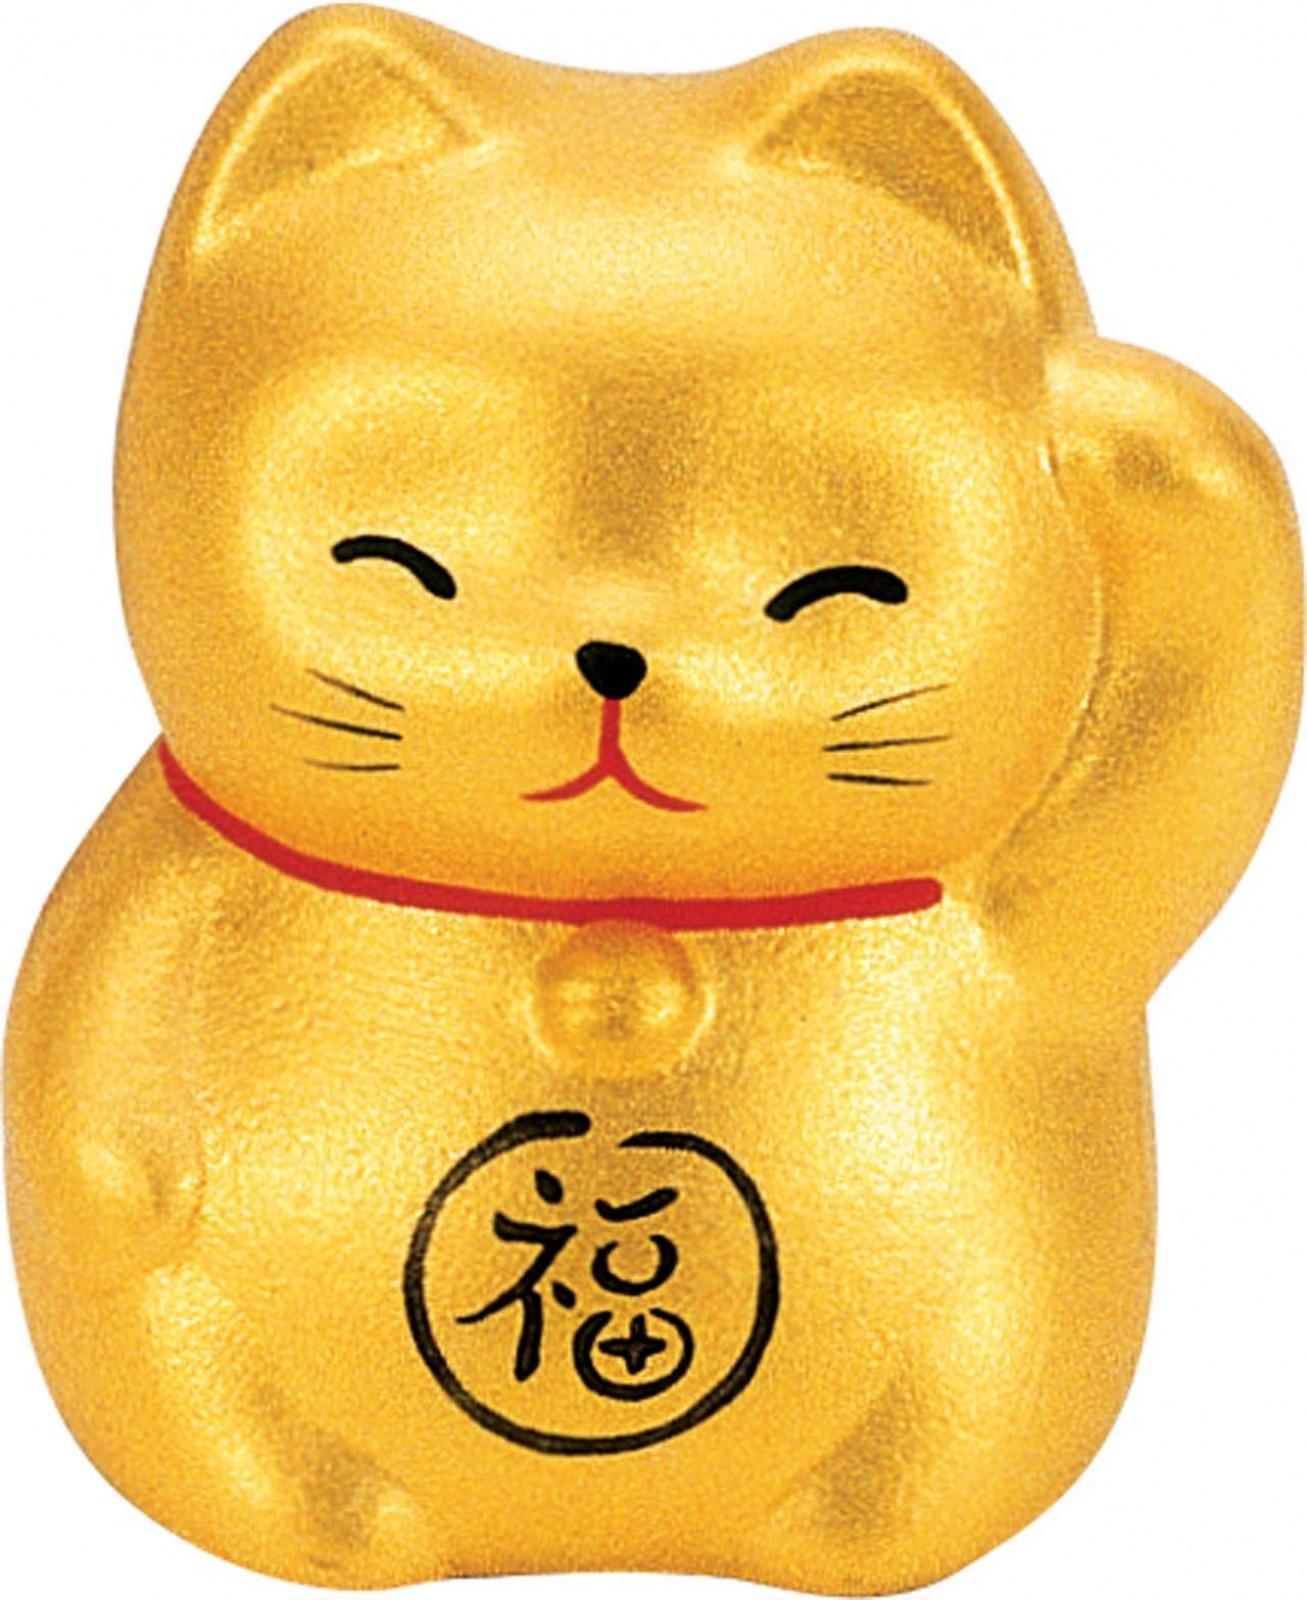 Maneki Neko - Lucky Cat - Gold - Wealth & Prosperity - 5.2 cm